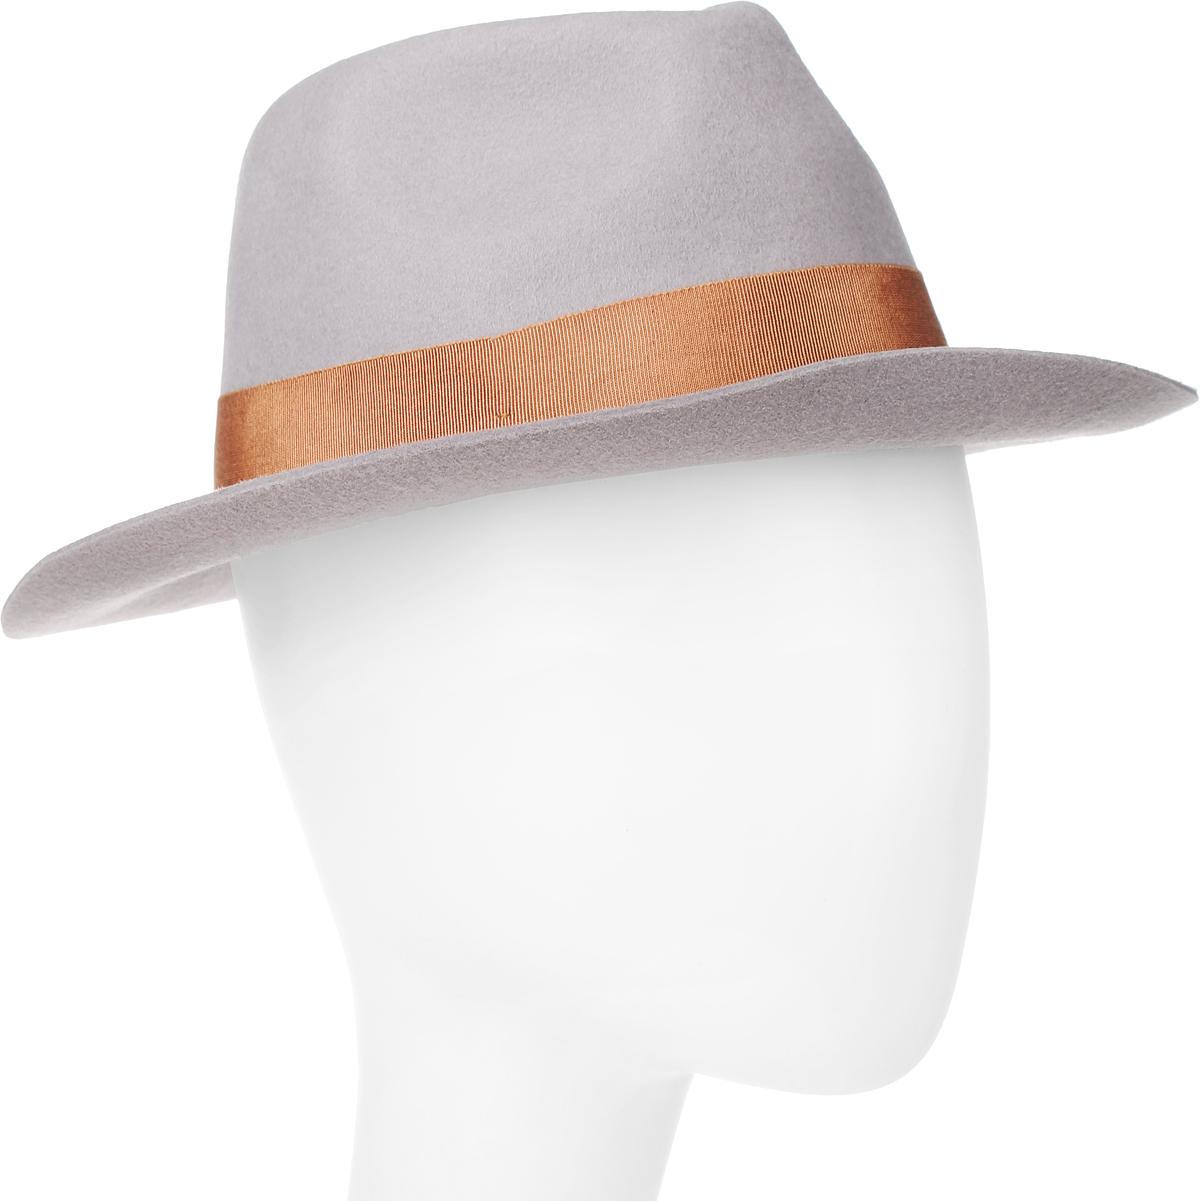 Шляпа Goorin Brothers, цвет: светло-серый. 100-9877. Размер S (55)100-9877Элегантная шляпа Goorin Brothers, выполненная из высококачественного мягкого фетра, дополнит любой образ. Модель с А-образной тульей с продольным заломом и слегка изогнутыми вверх полями. Внутри модель дополнена плотной тесьмой для комфортной посадки изделия по голове. Шляпа-федора по тулье оформлена широкой репсовой лентой с бантом и дополнена металлическим элементом в виде логотипа бренда.Такая шляпа подчеркнет вашу неповторимость и прекрасный вкус.